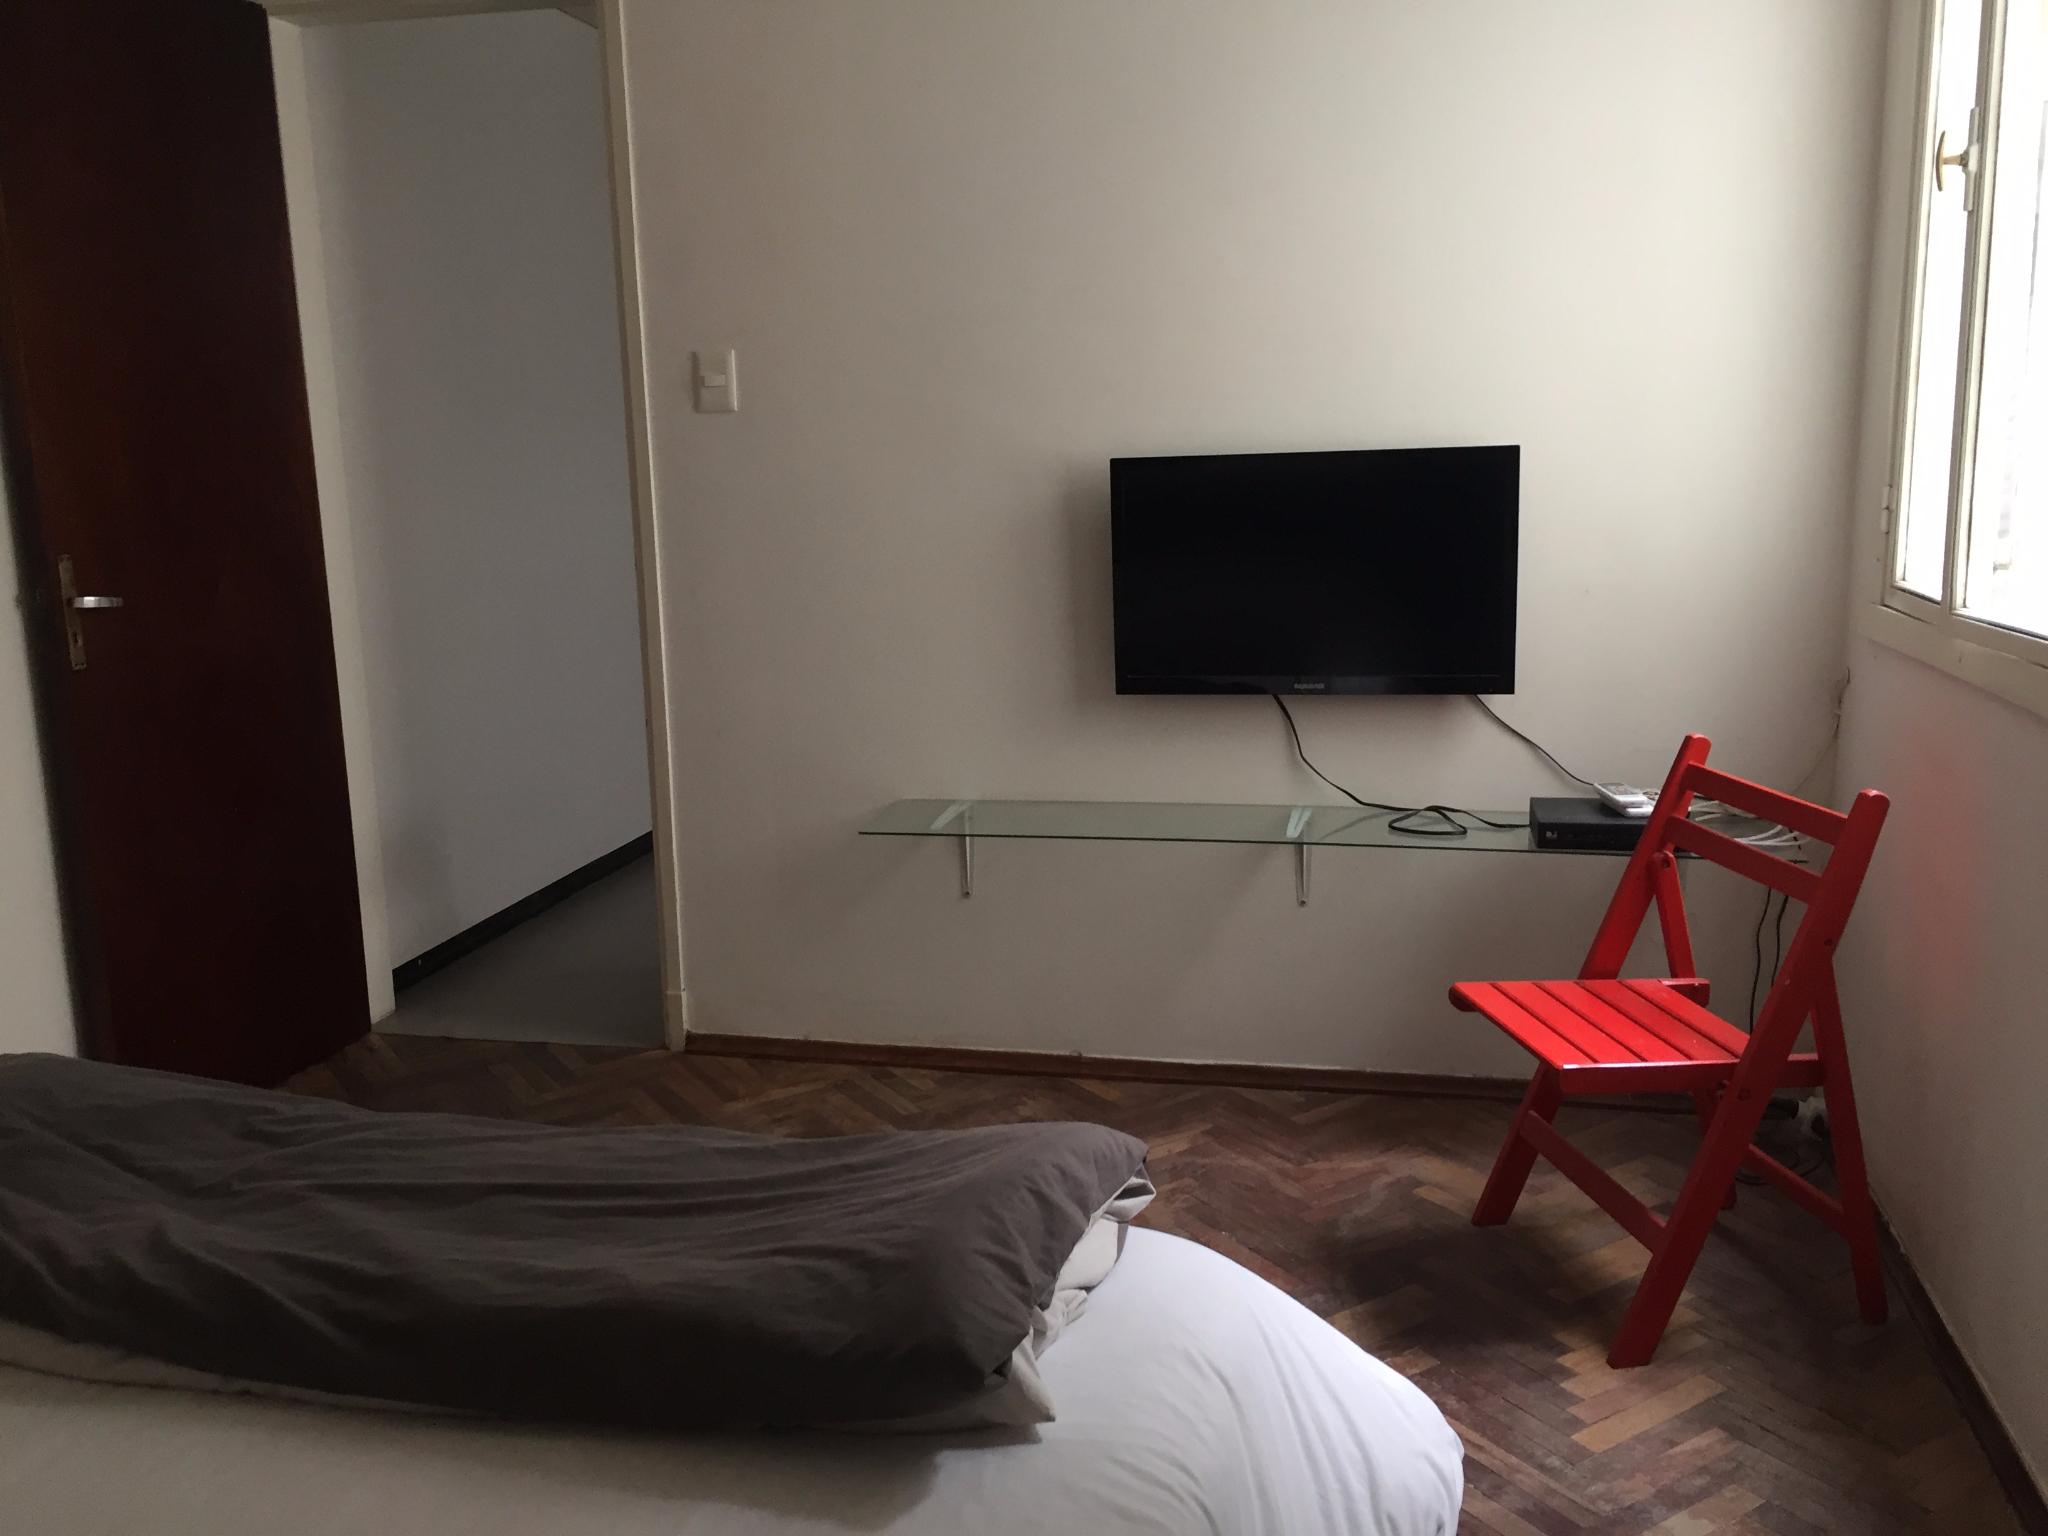 Alquiler Apto Pocitos Nuevo Rivera Y L A De Herrera C Muebles 1 # Muebles Pocitos